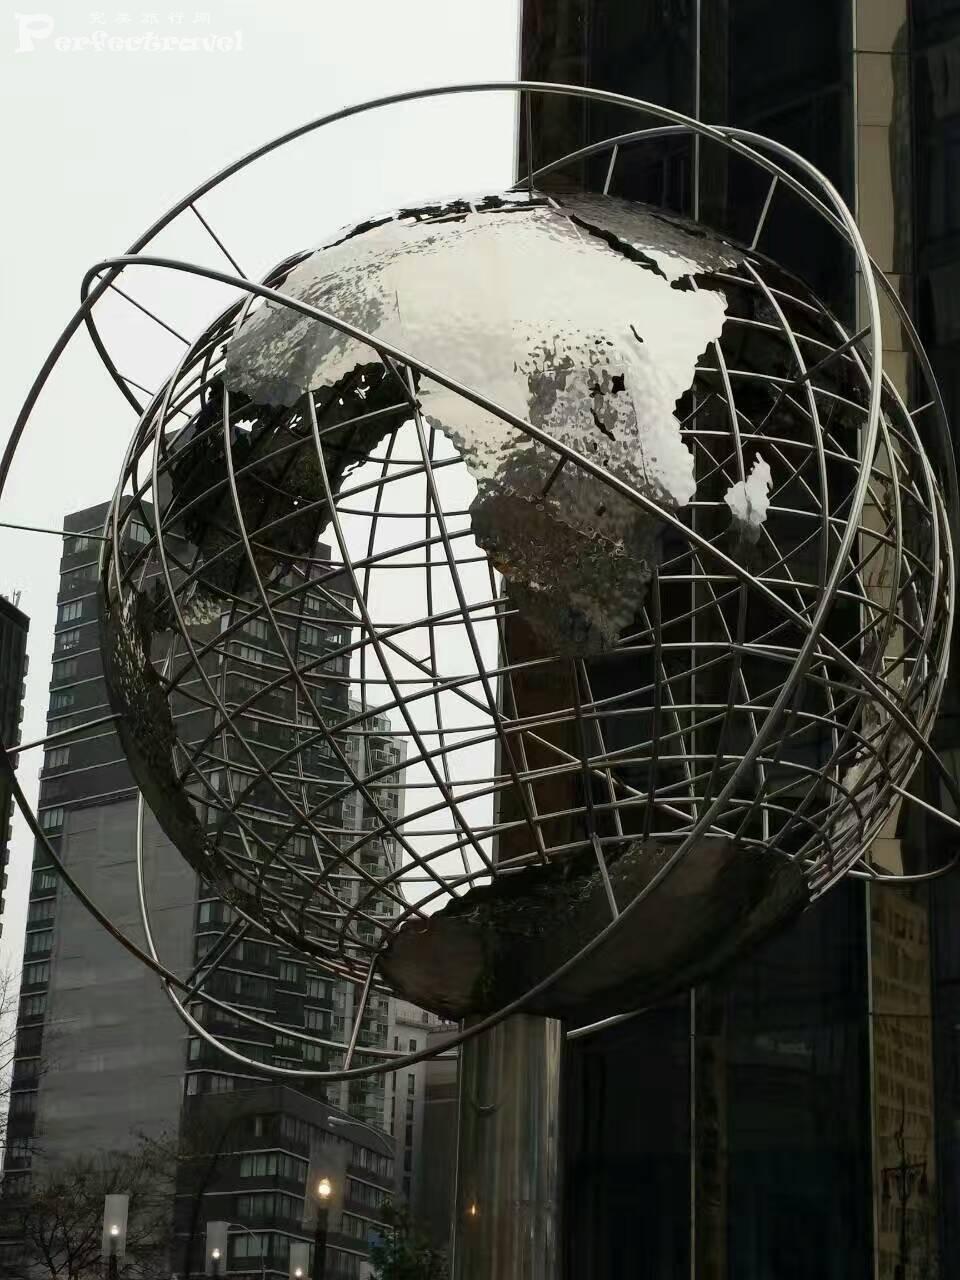 纽约全新开业的奢华酒店|花样姐姐游美国(第27天) - 完美旅行Perfectravel - 完美旅行Perfectravel的博客